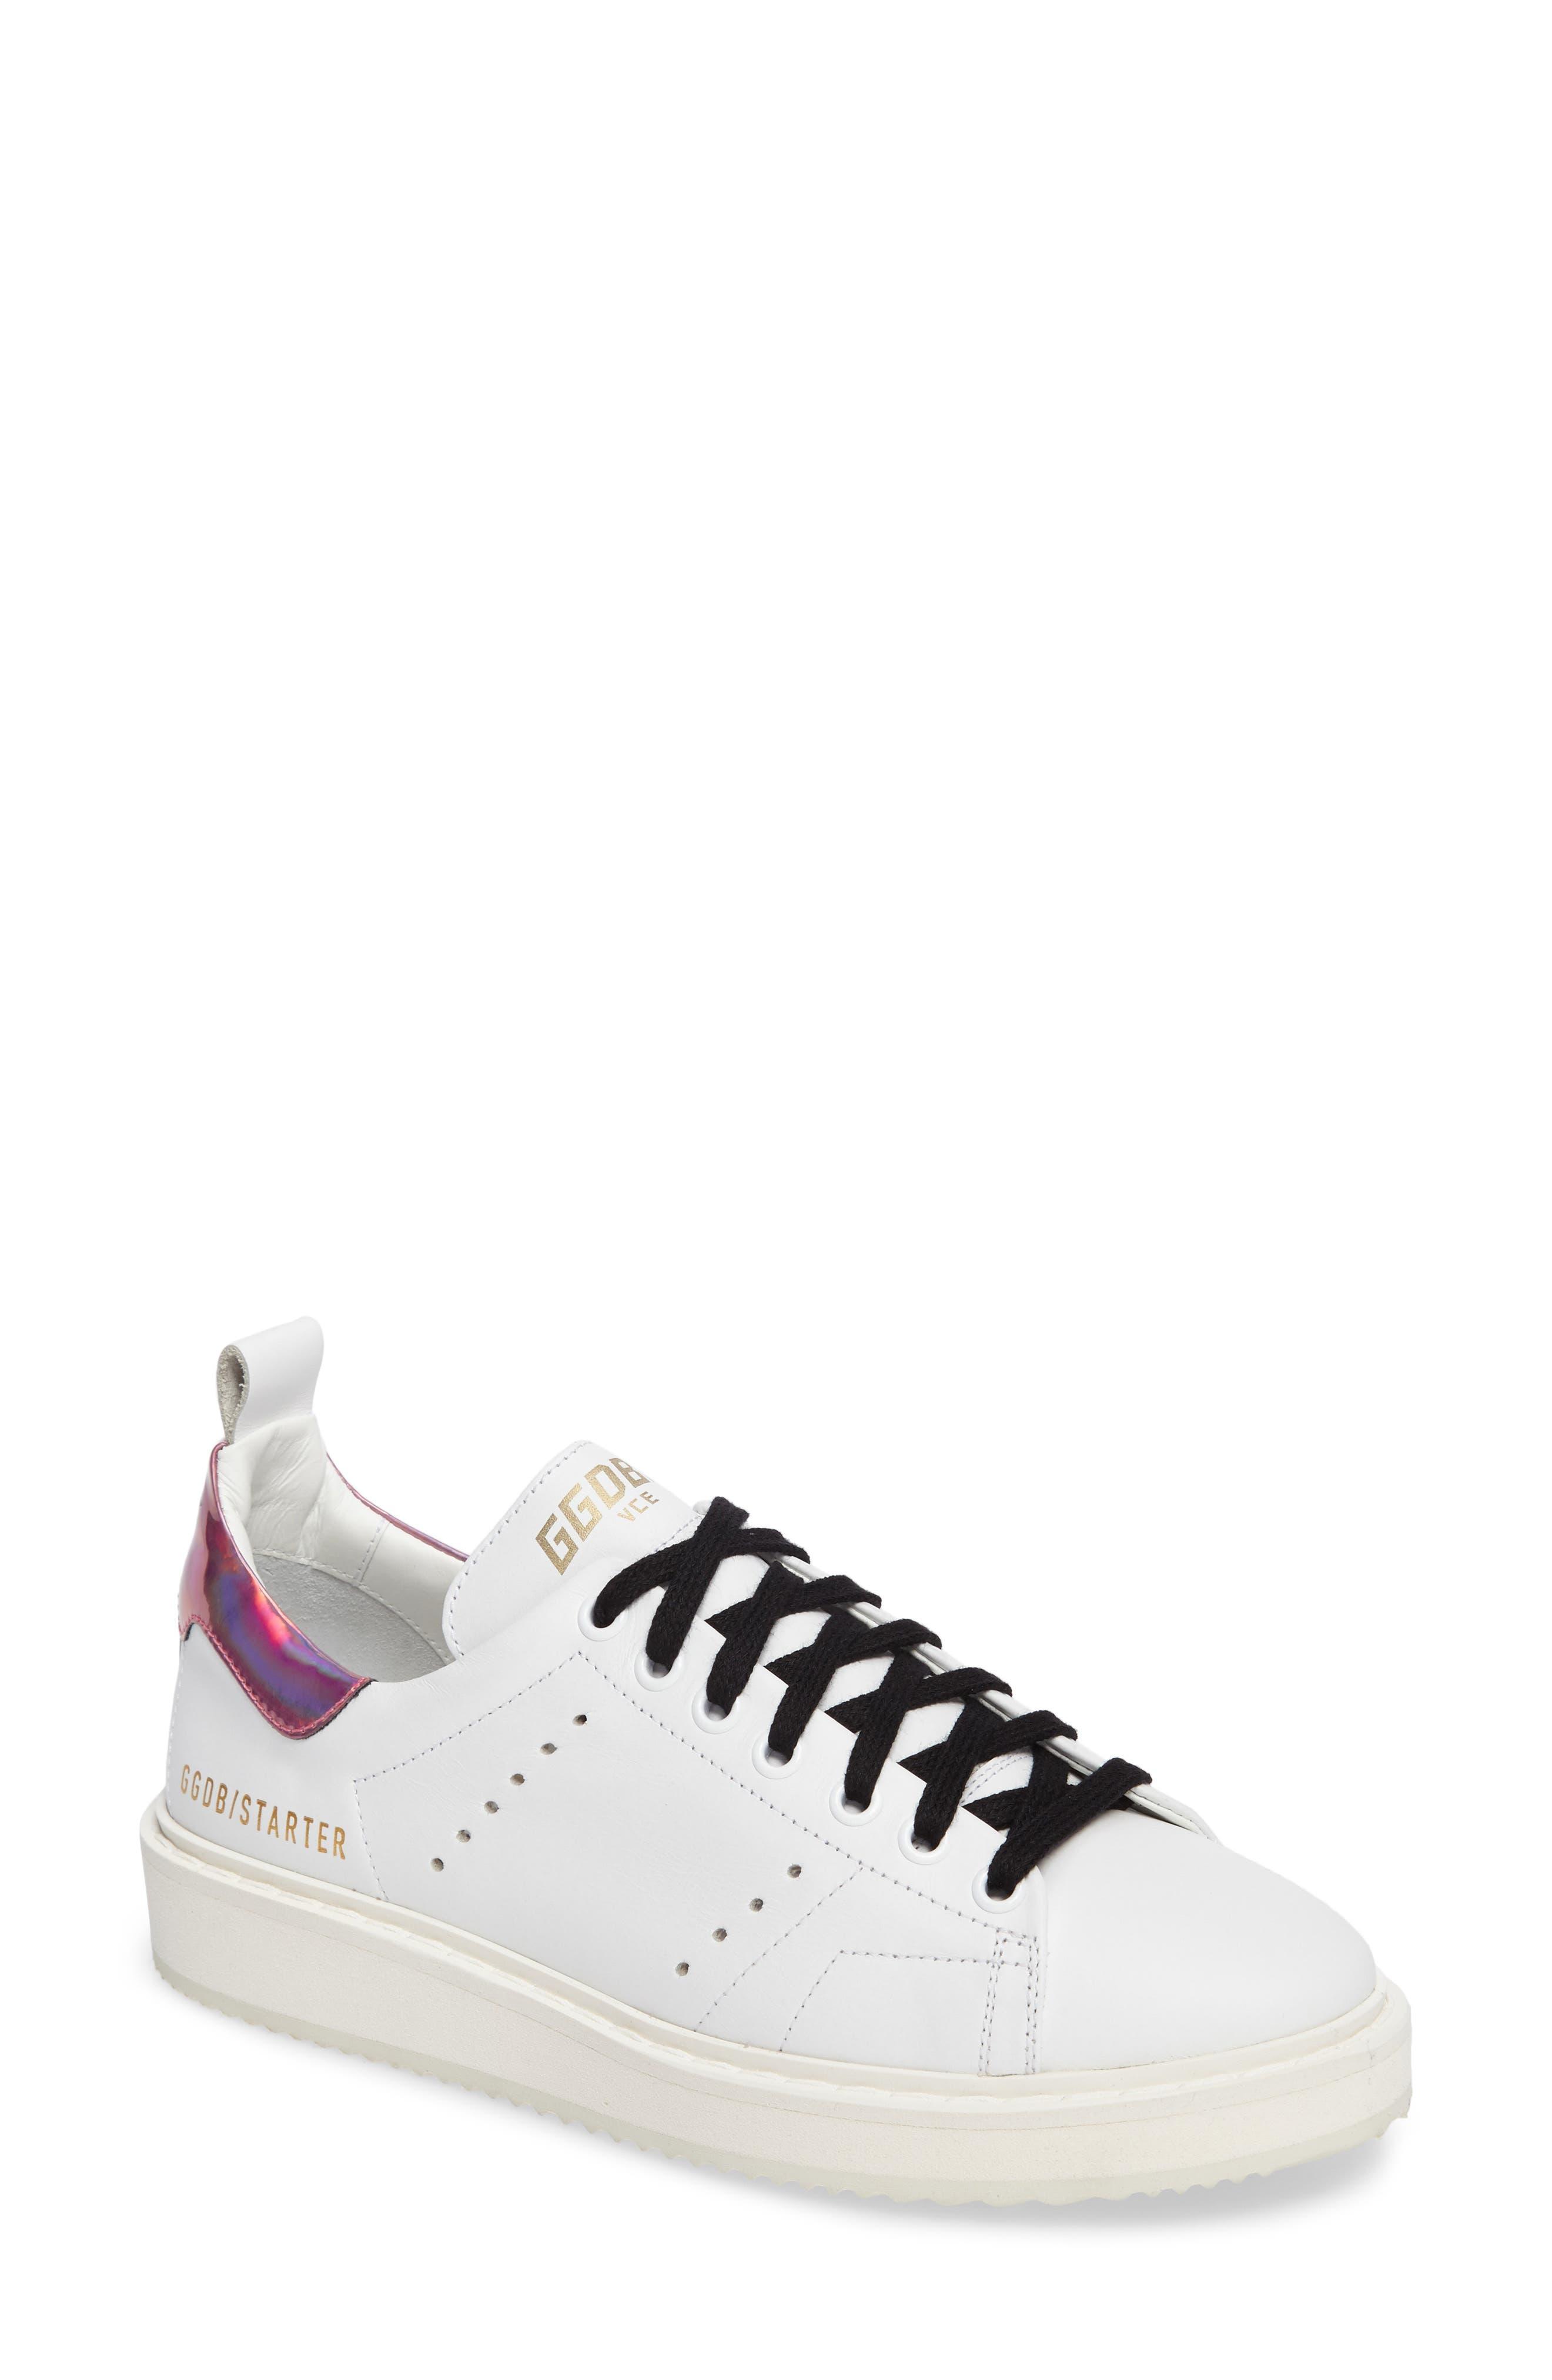 Main Image - Golden Goose Starter Low Top Sneaker (Women)